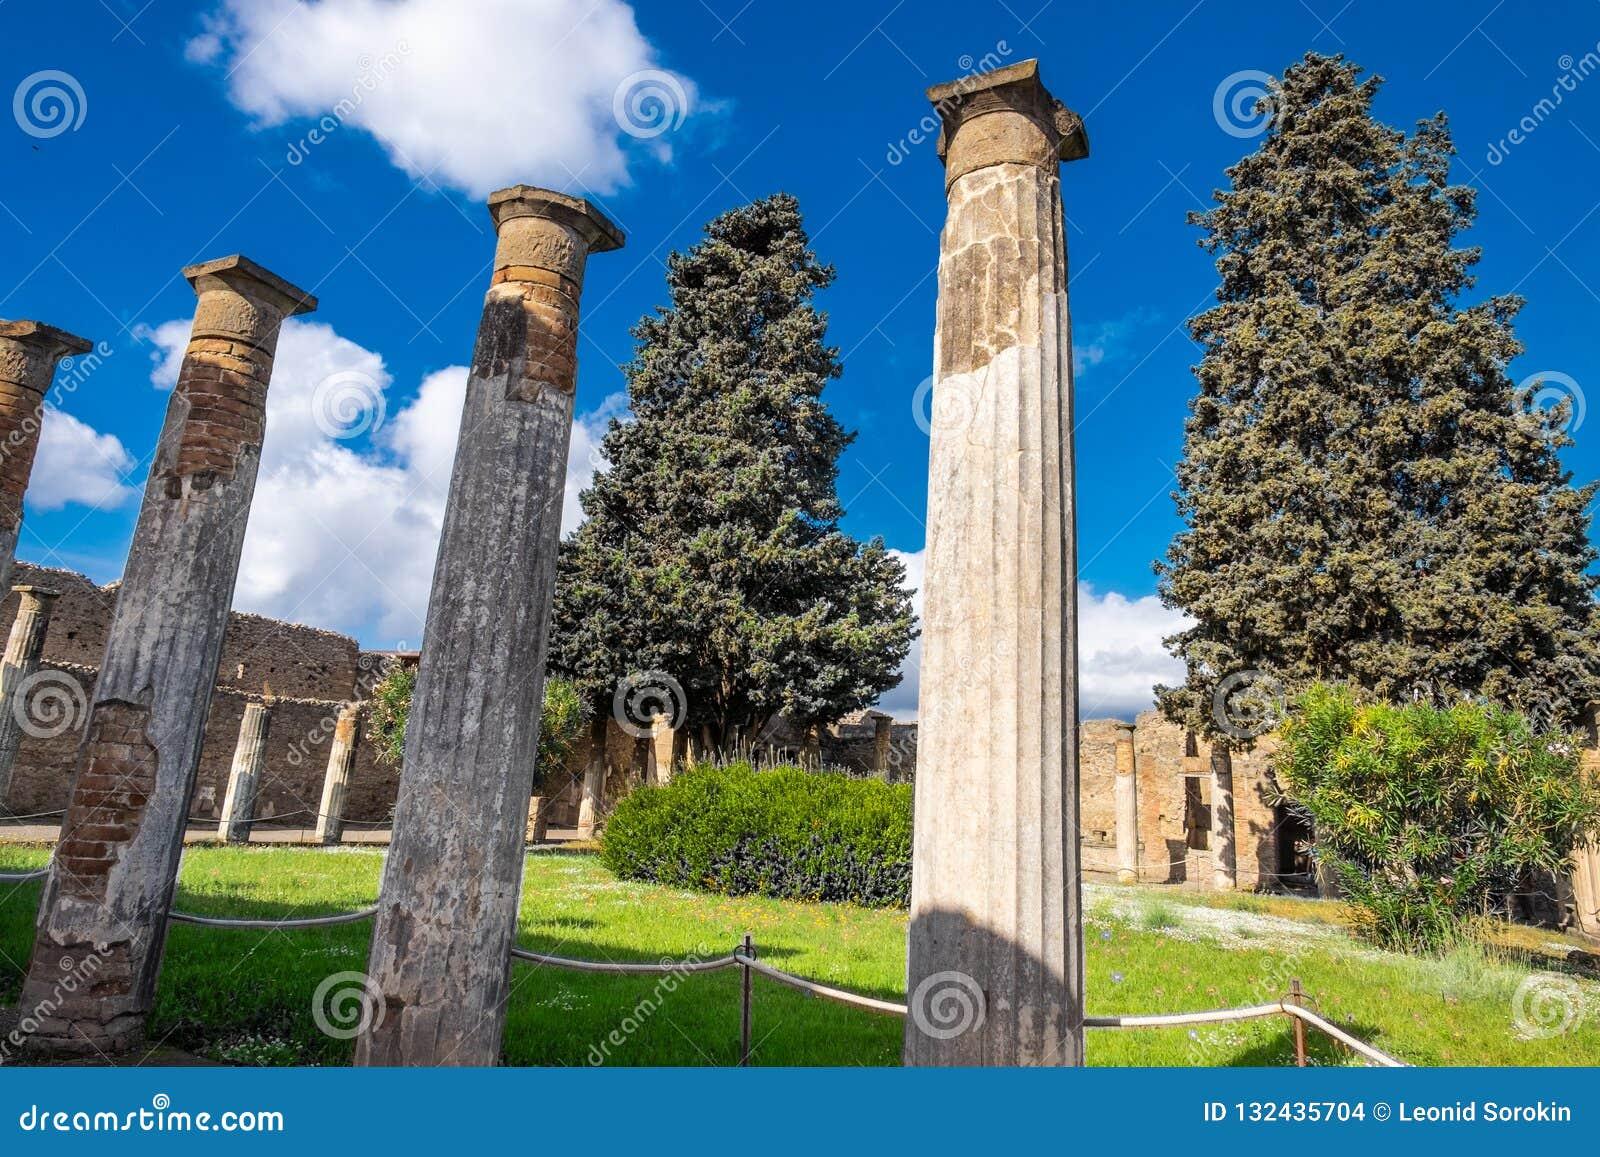 Ancient columns on the garden on Villa in Pompeii, destroyed city